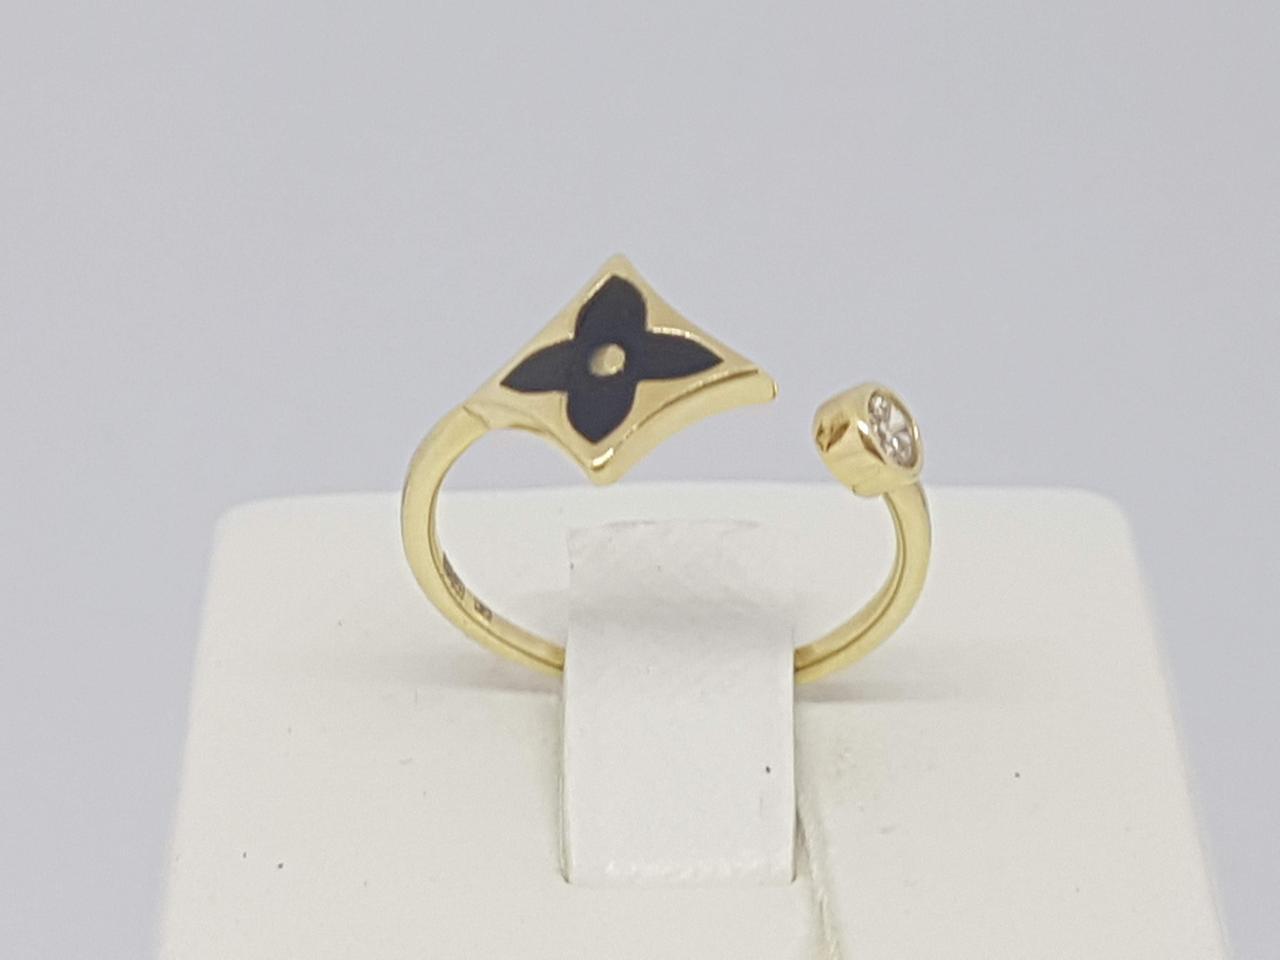 """Золотое кольцо с эмалью и фианитом """"Louis Vuitton"""". Артикул 154216ЖЕЧ 17,5"""